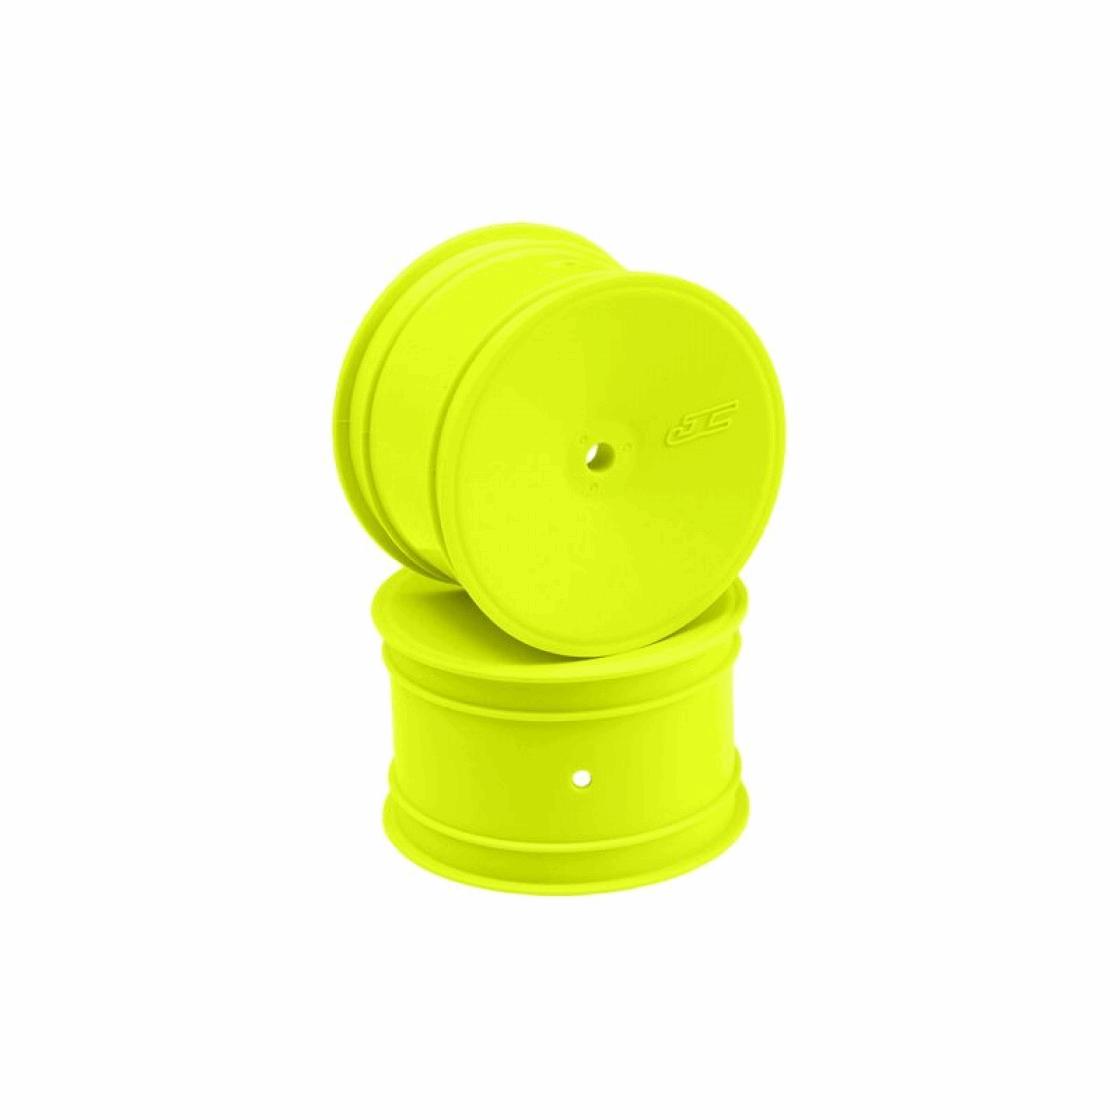 JConcepts Mono - 12mm Hex Rear Wheel - Yellow (4pcs)